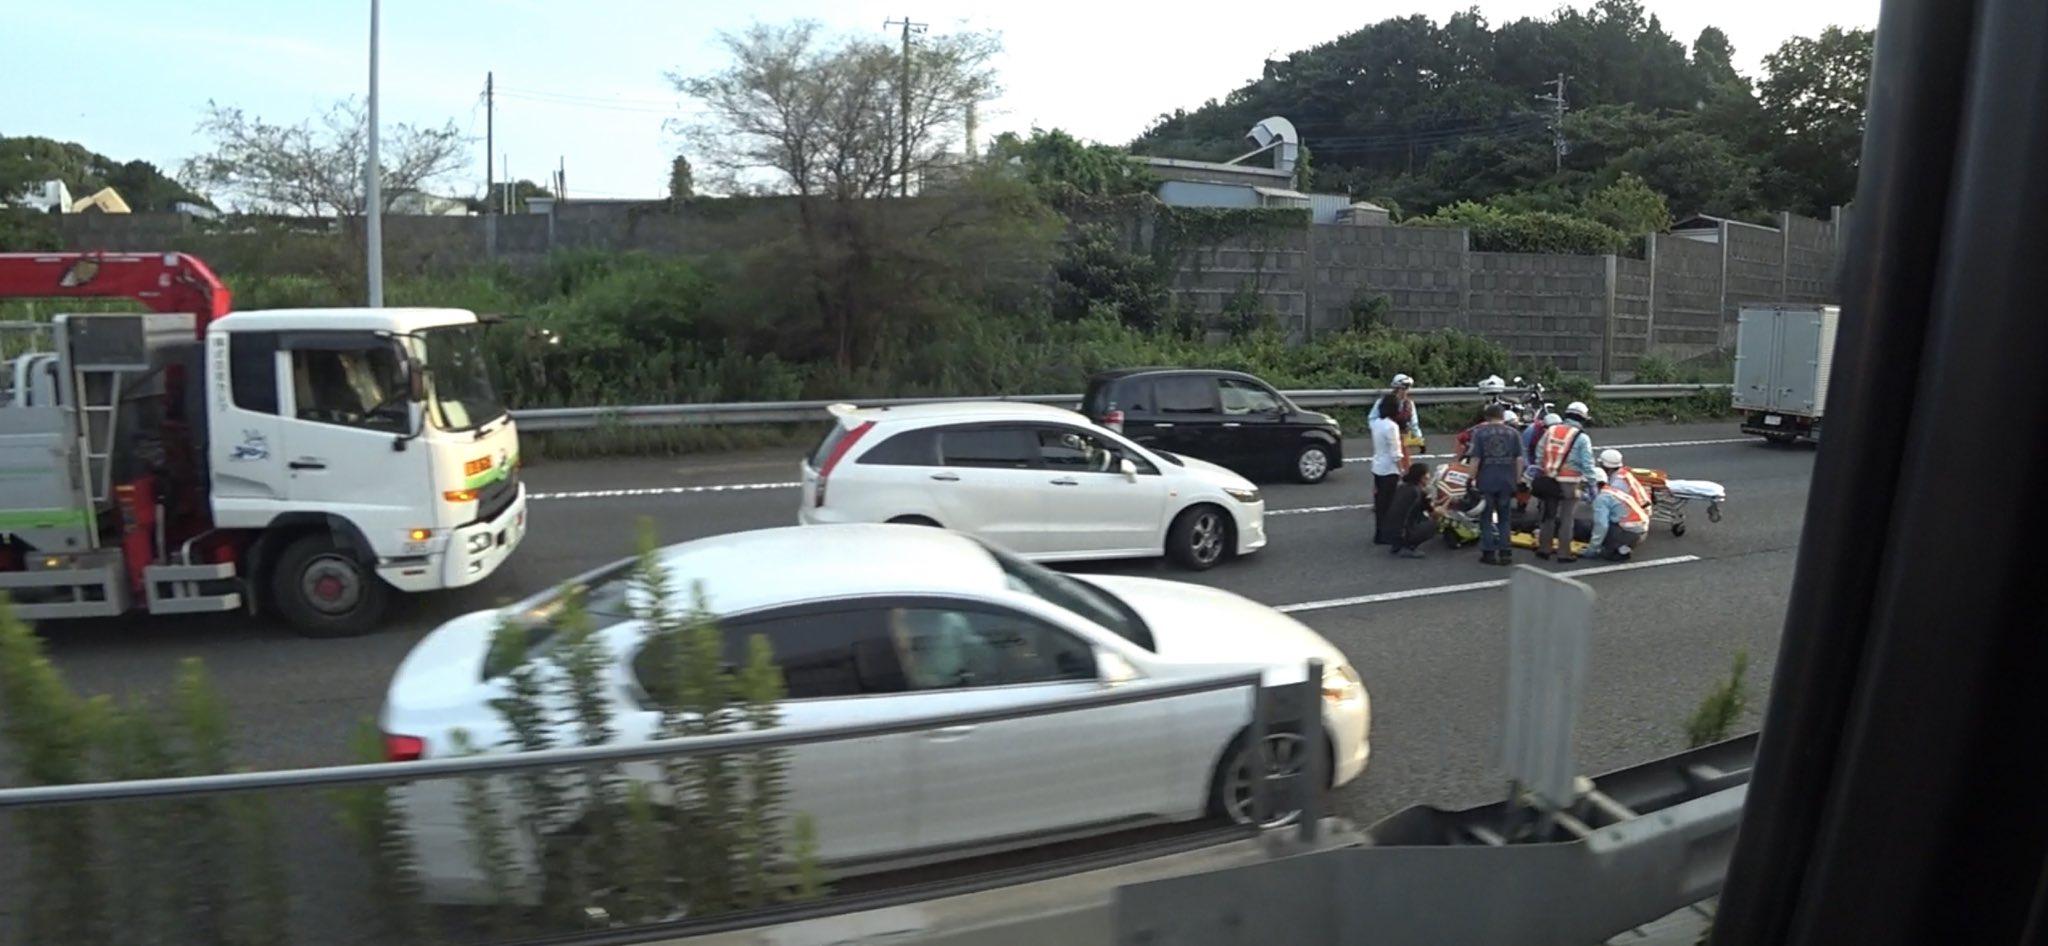 保土ヶ谷バイパスでバイクと車が衝突した事故現場の画像